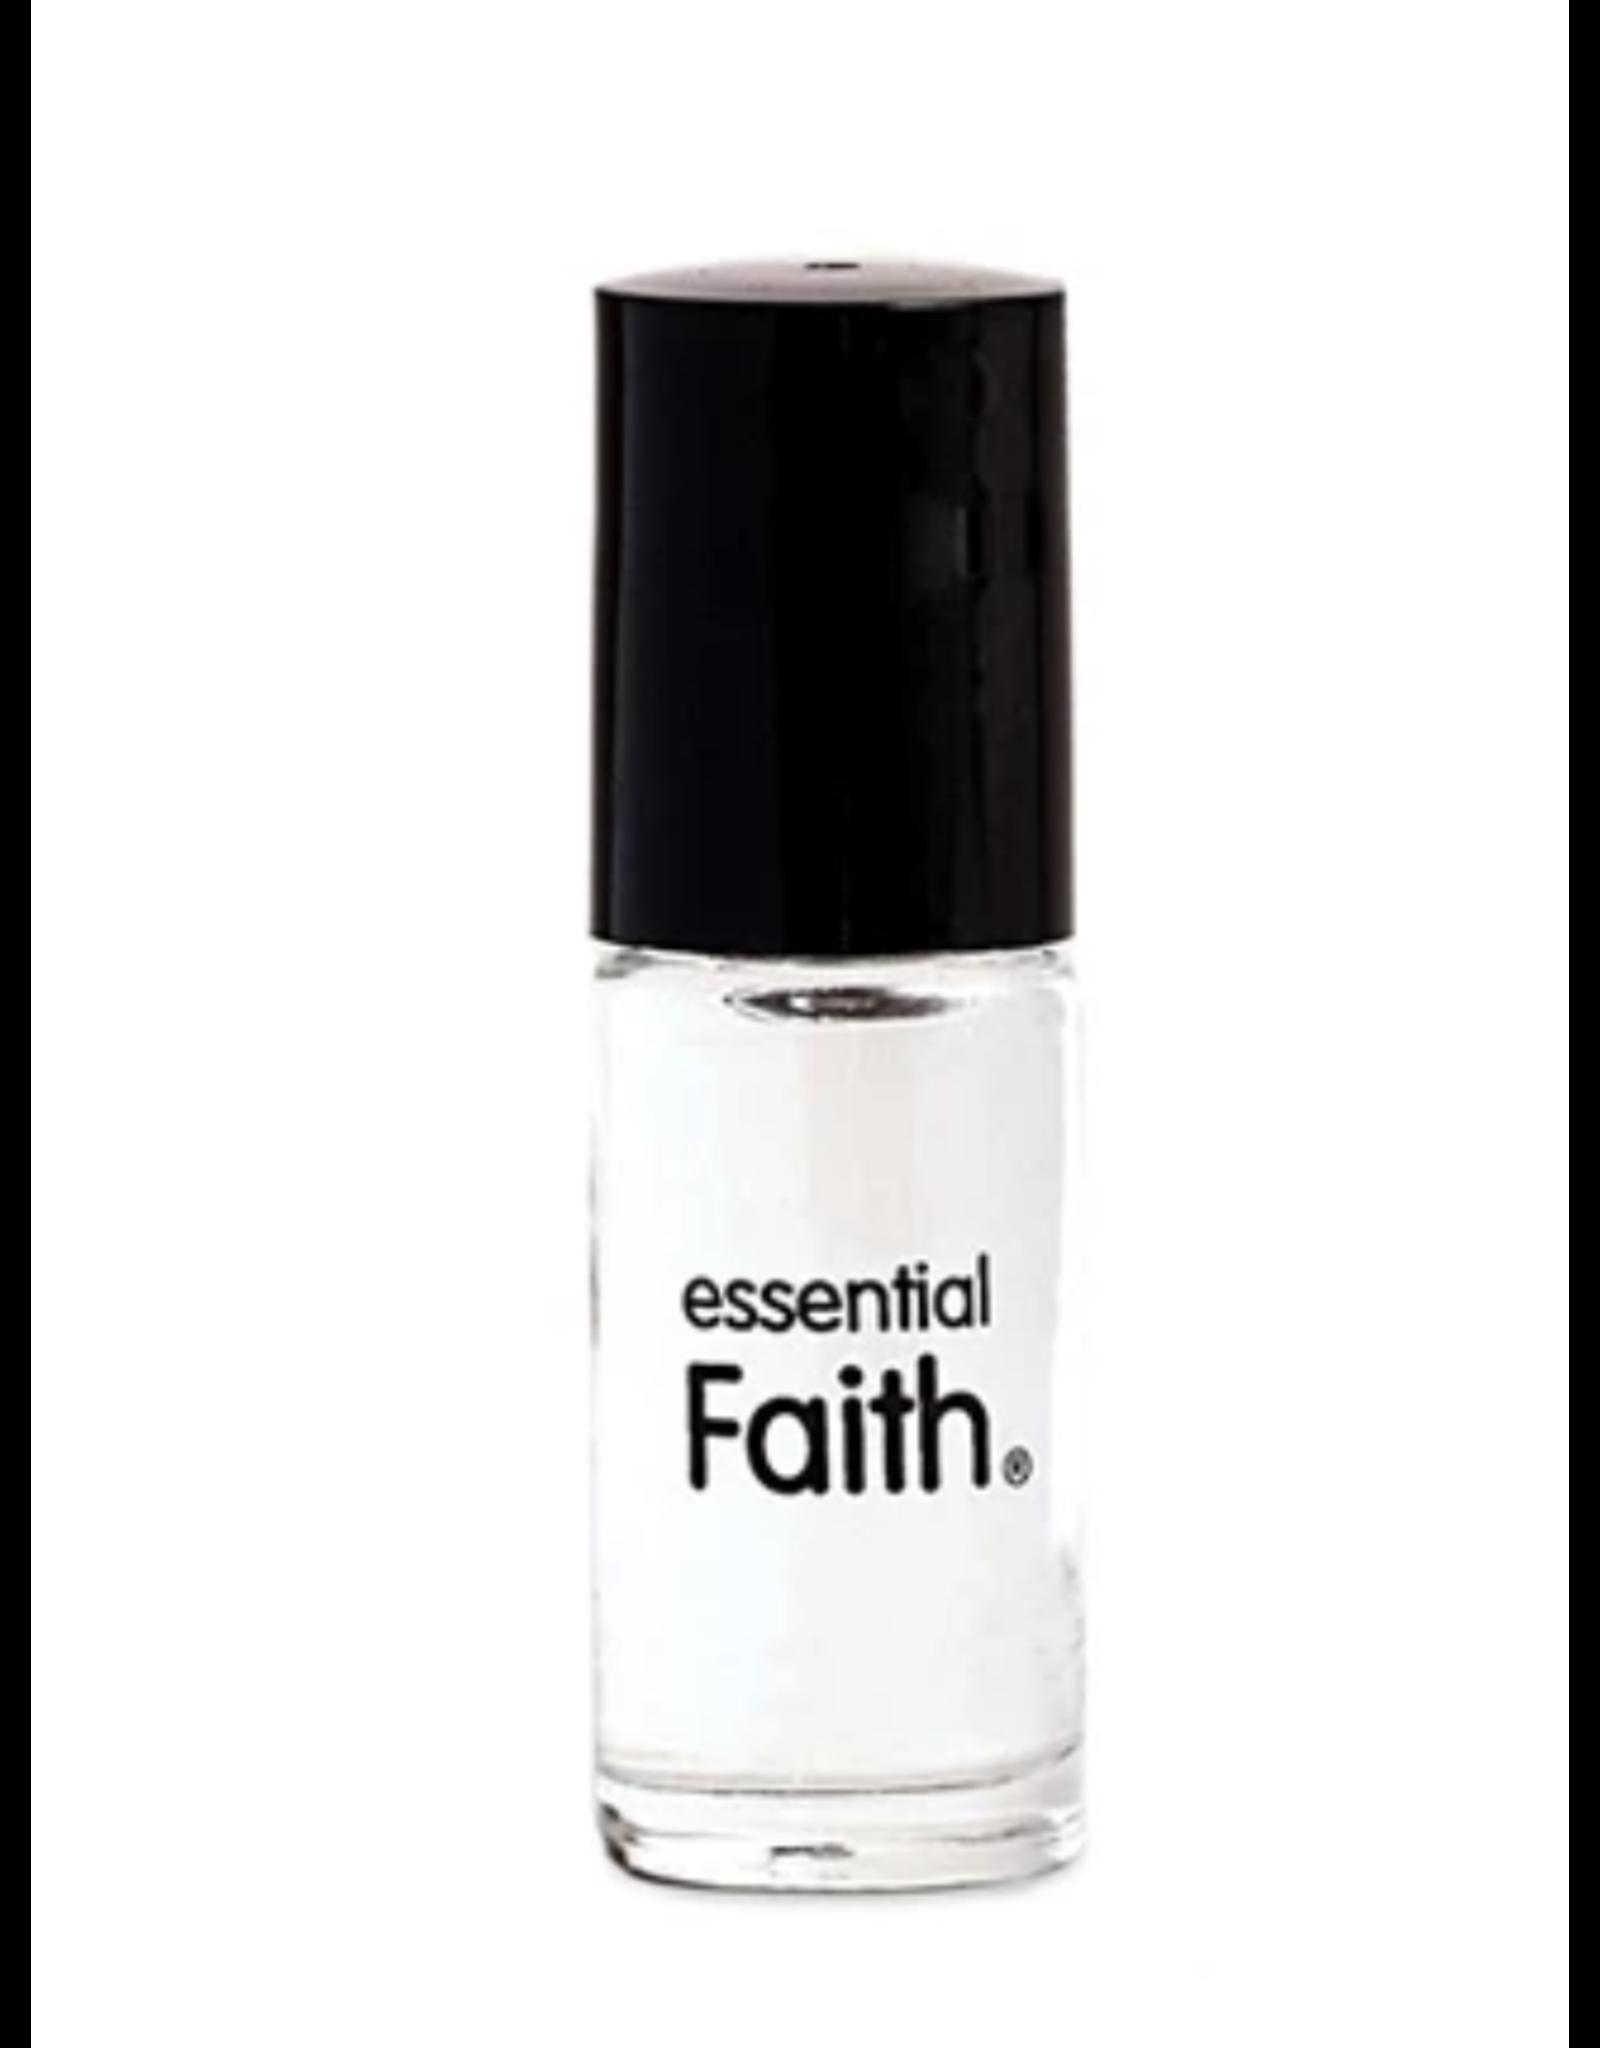 essential faith Essential Faith